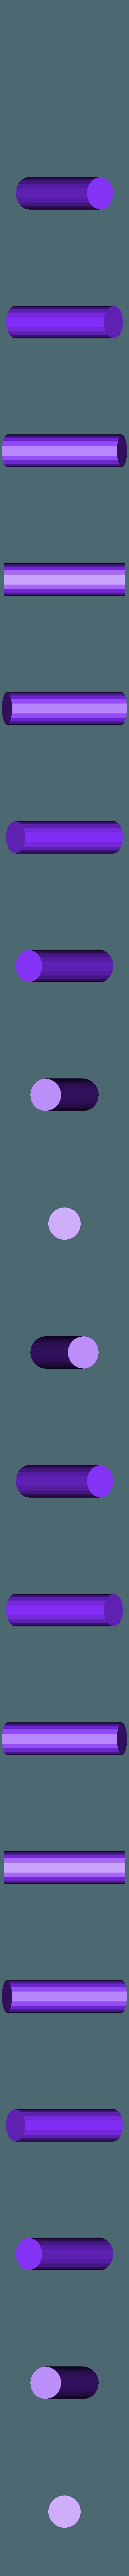 Pondy MediumTowerPost.stl Télécharger fichier STL gratuit Cascade de chutes d'eau avec Koi • Modèle pour imprimante 3D, MinerBatman